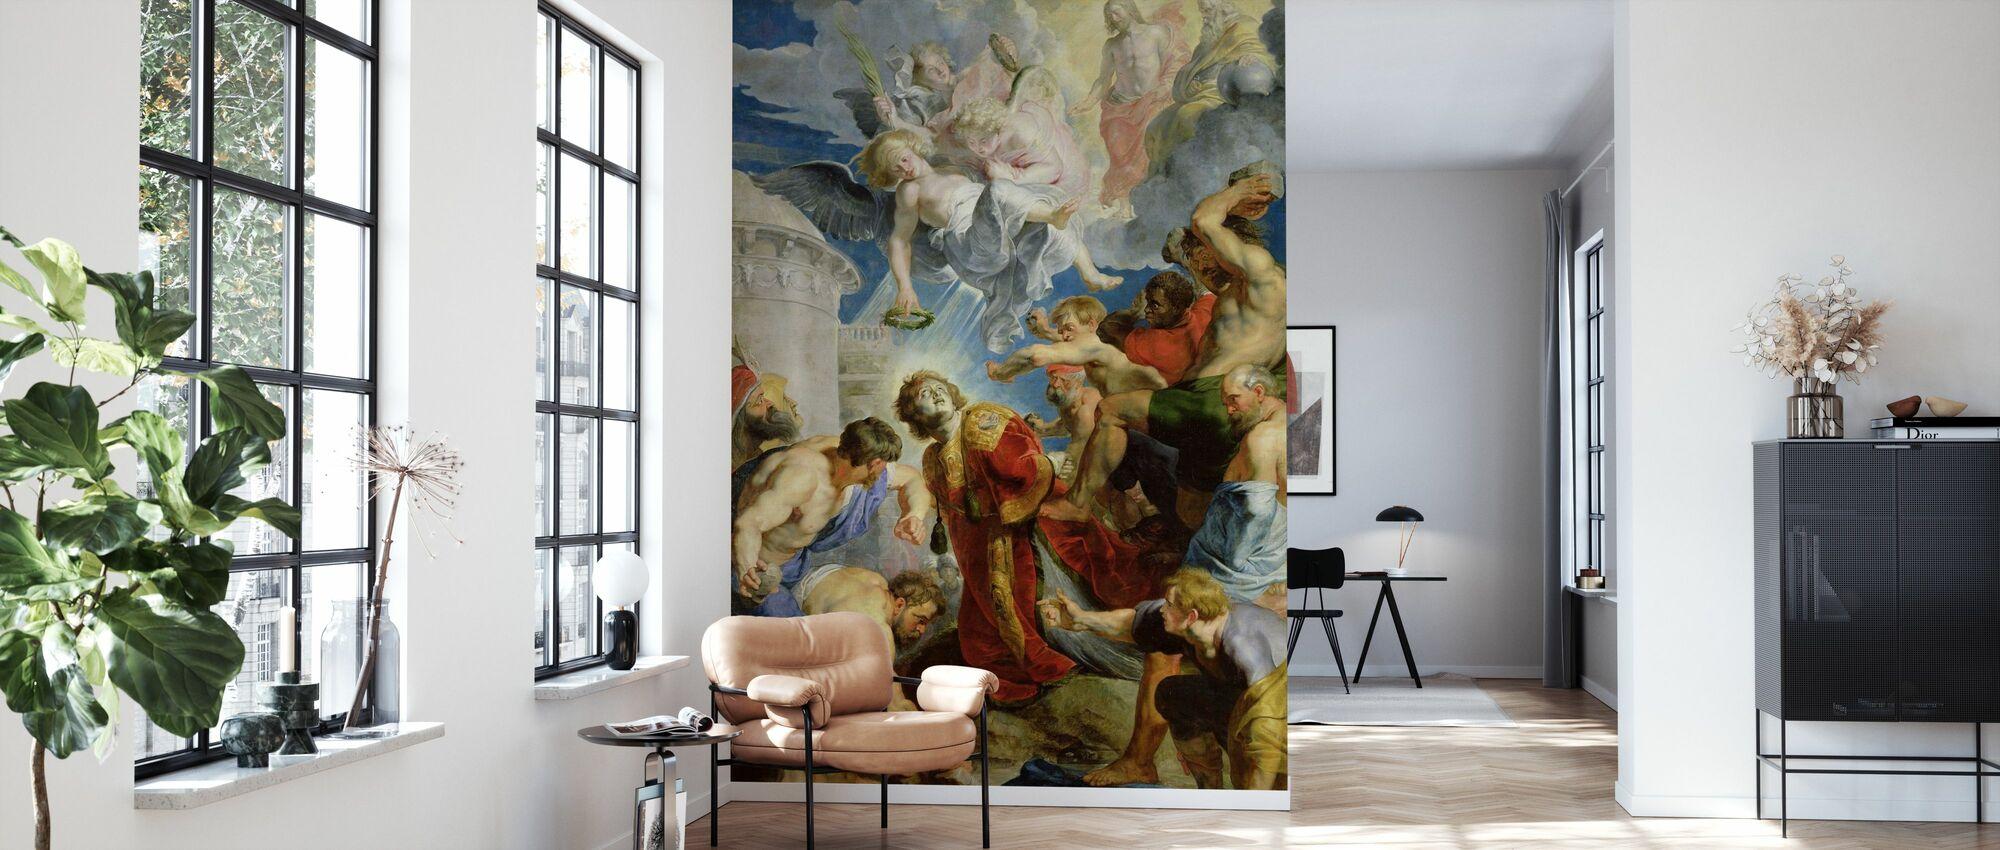 Steinigung des heiligen Stephanus - Peter Rubens - Tapete - Wohnzimmer